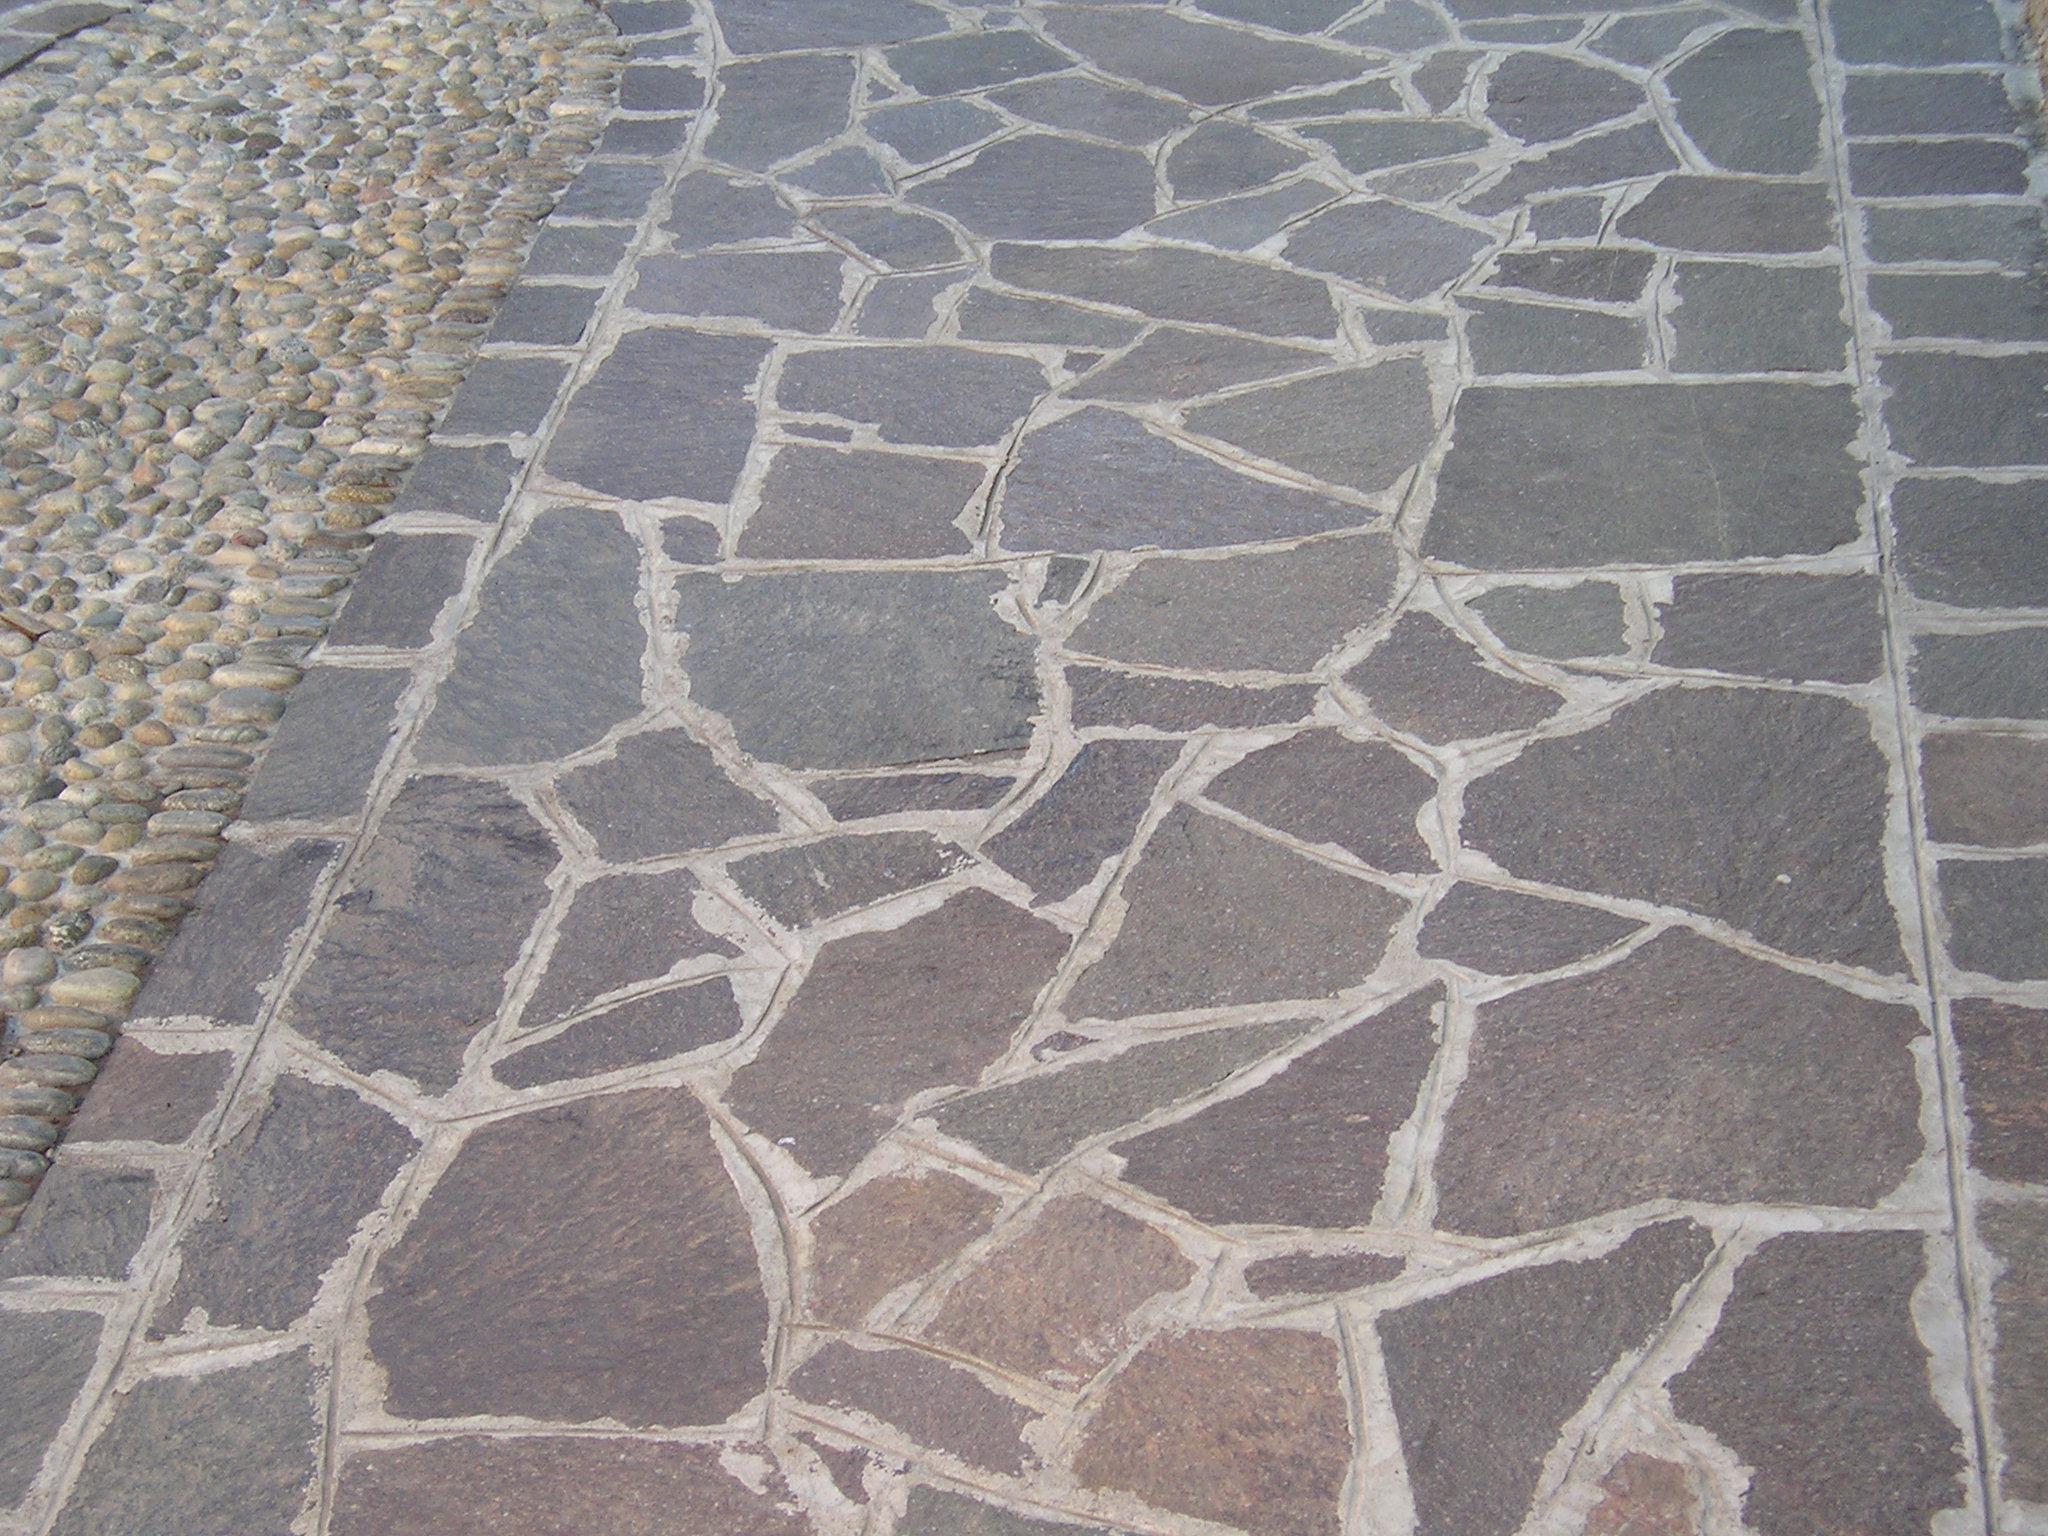 Pavimentazioni in porfido pavimenti esterni pietranova - Piastrelle di cemento da esterno ...